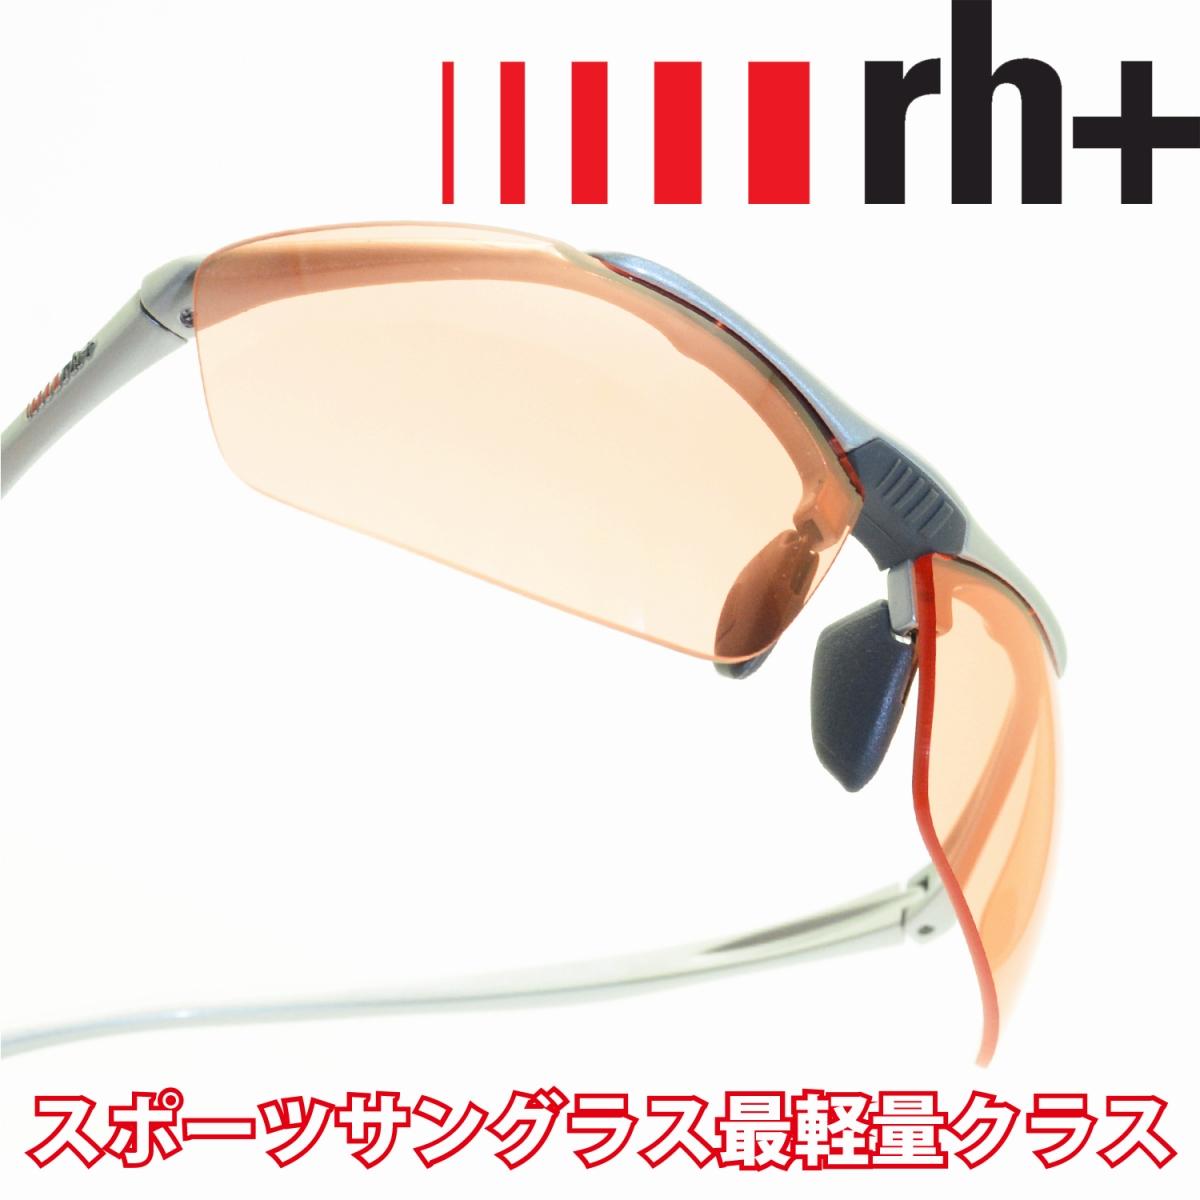 rh+ アールエイチプラス STYLUS JAPAN SPEED RH851S54 PLUS55メガネ 眼鏡 めがね メンズ レディース おしゃれ ブランド 人気 おすすめ フレーム 流行り 度付き レンズ サングラス スポーツ